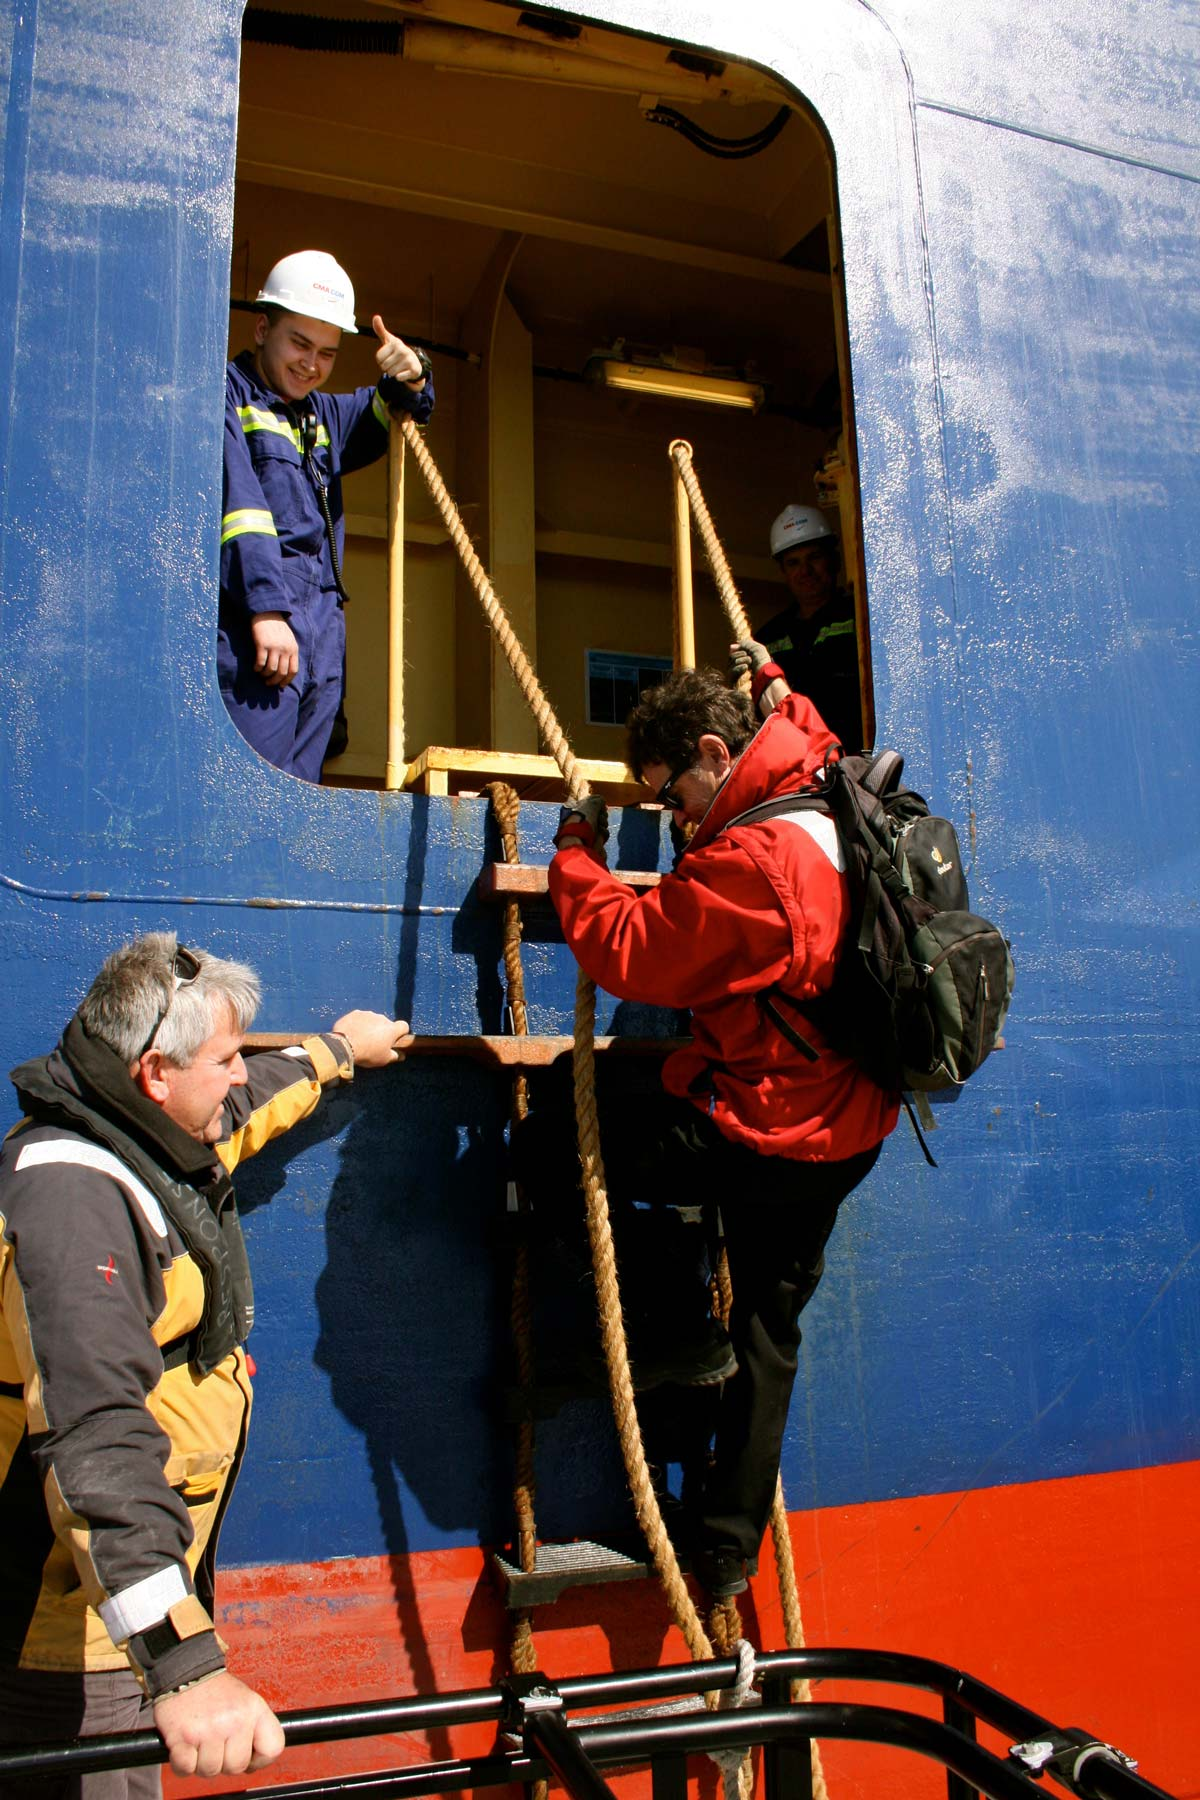 Greg climbing aboard the 'White Shark'.